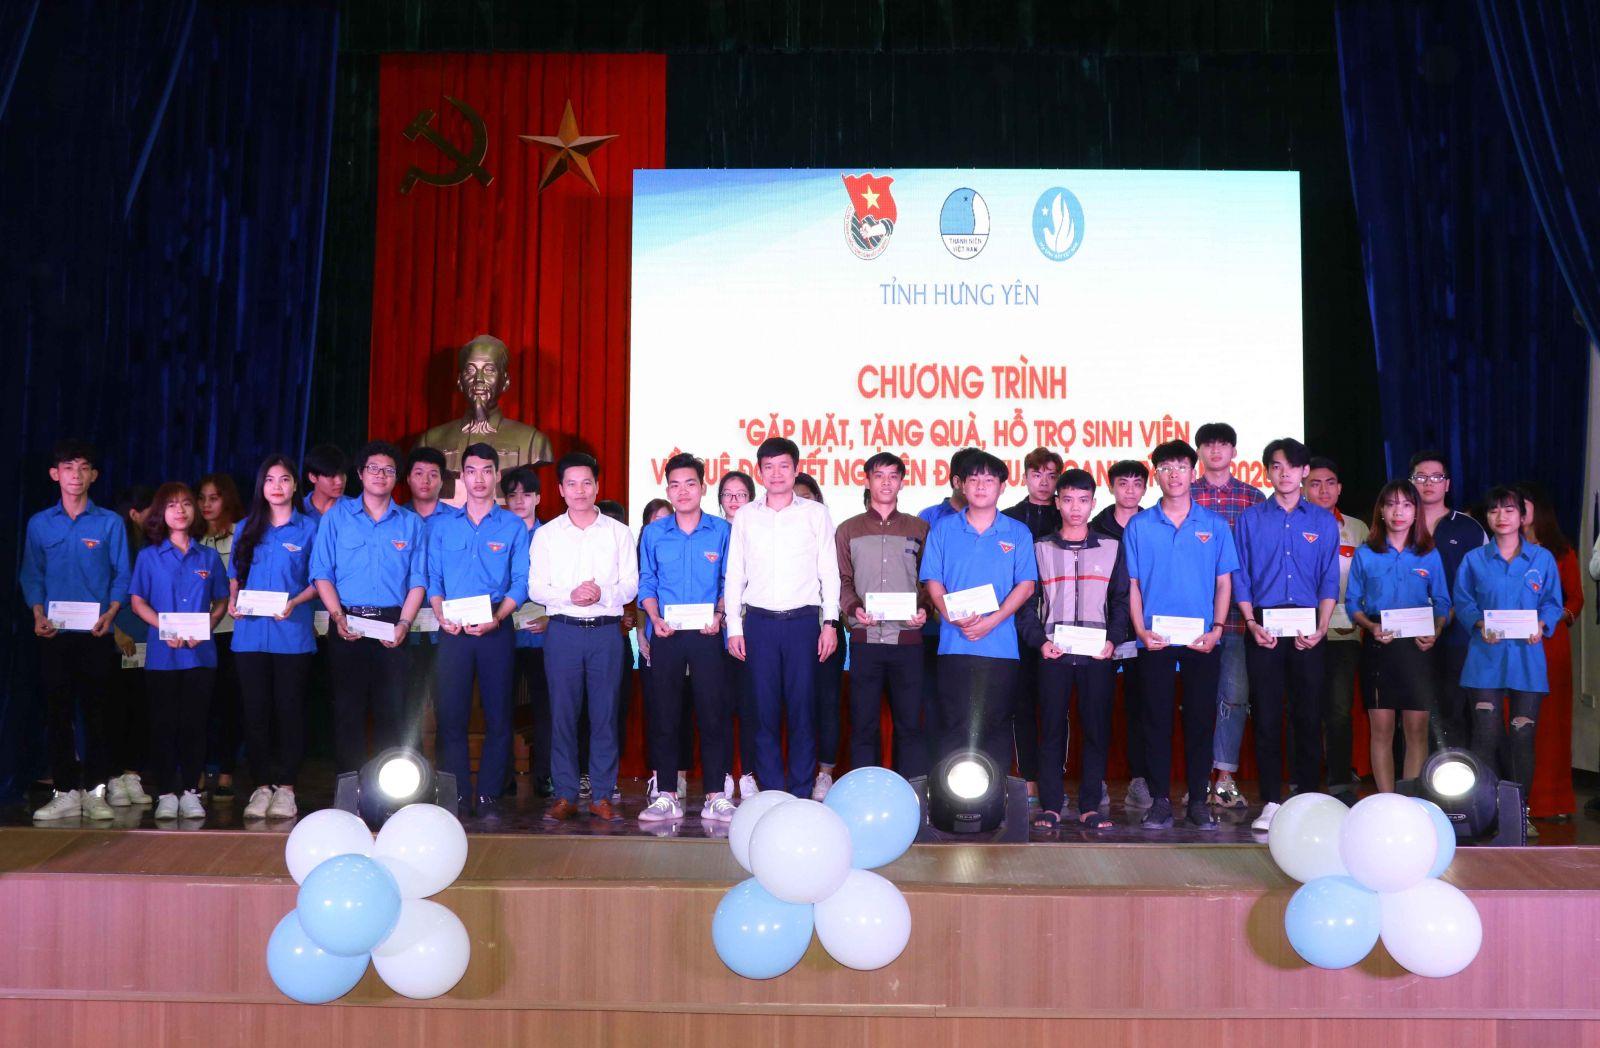 Hưng Yên: Duy trì và phát huy hiệu quả các quỹ khuyến học, khuyến tài, các học bổng, giải thưởng, hỗ trợ học sinh, sinh viên có hoàn cảnh khó khăn